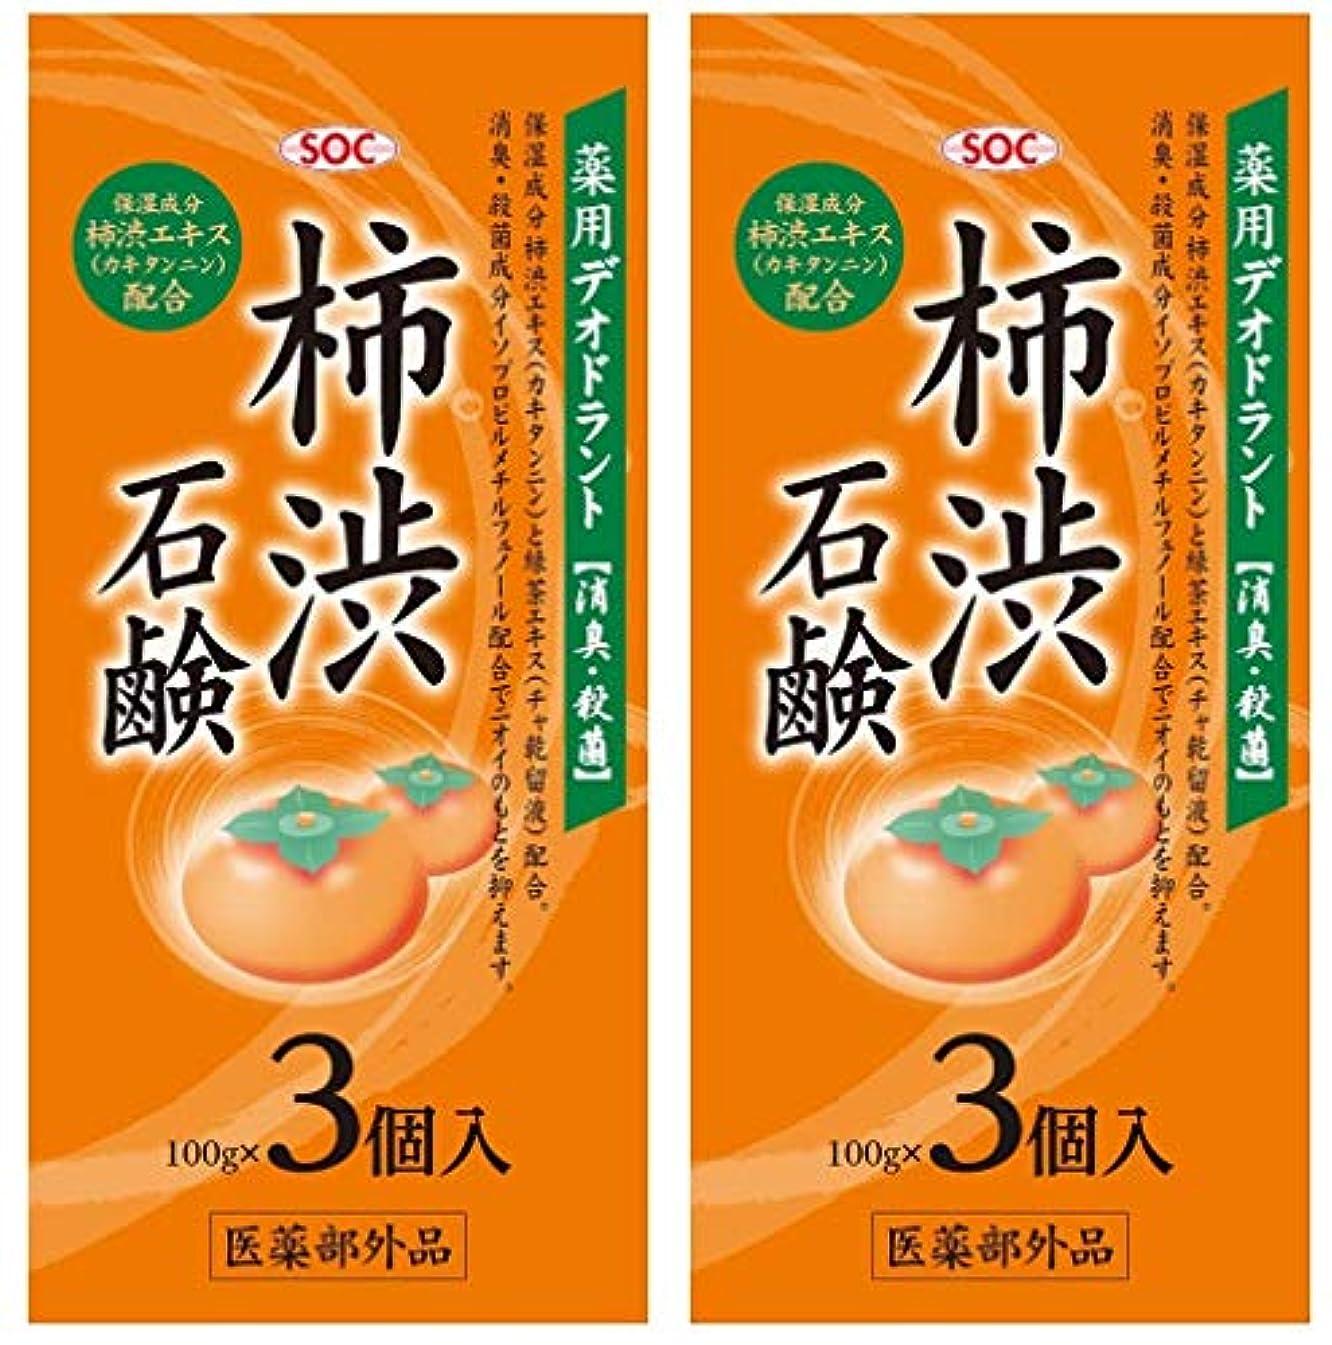 ジャンル草ファシズムSOC 薬用柿渋石鹸 3P (100g×3) 2セット